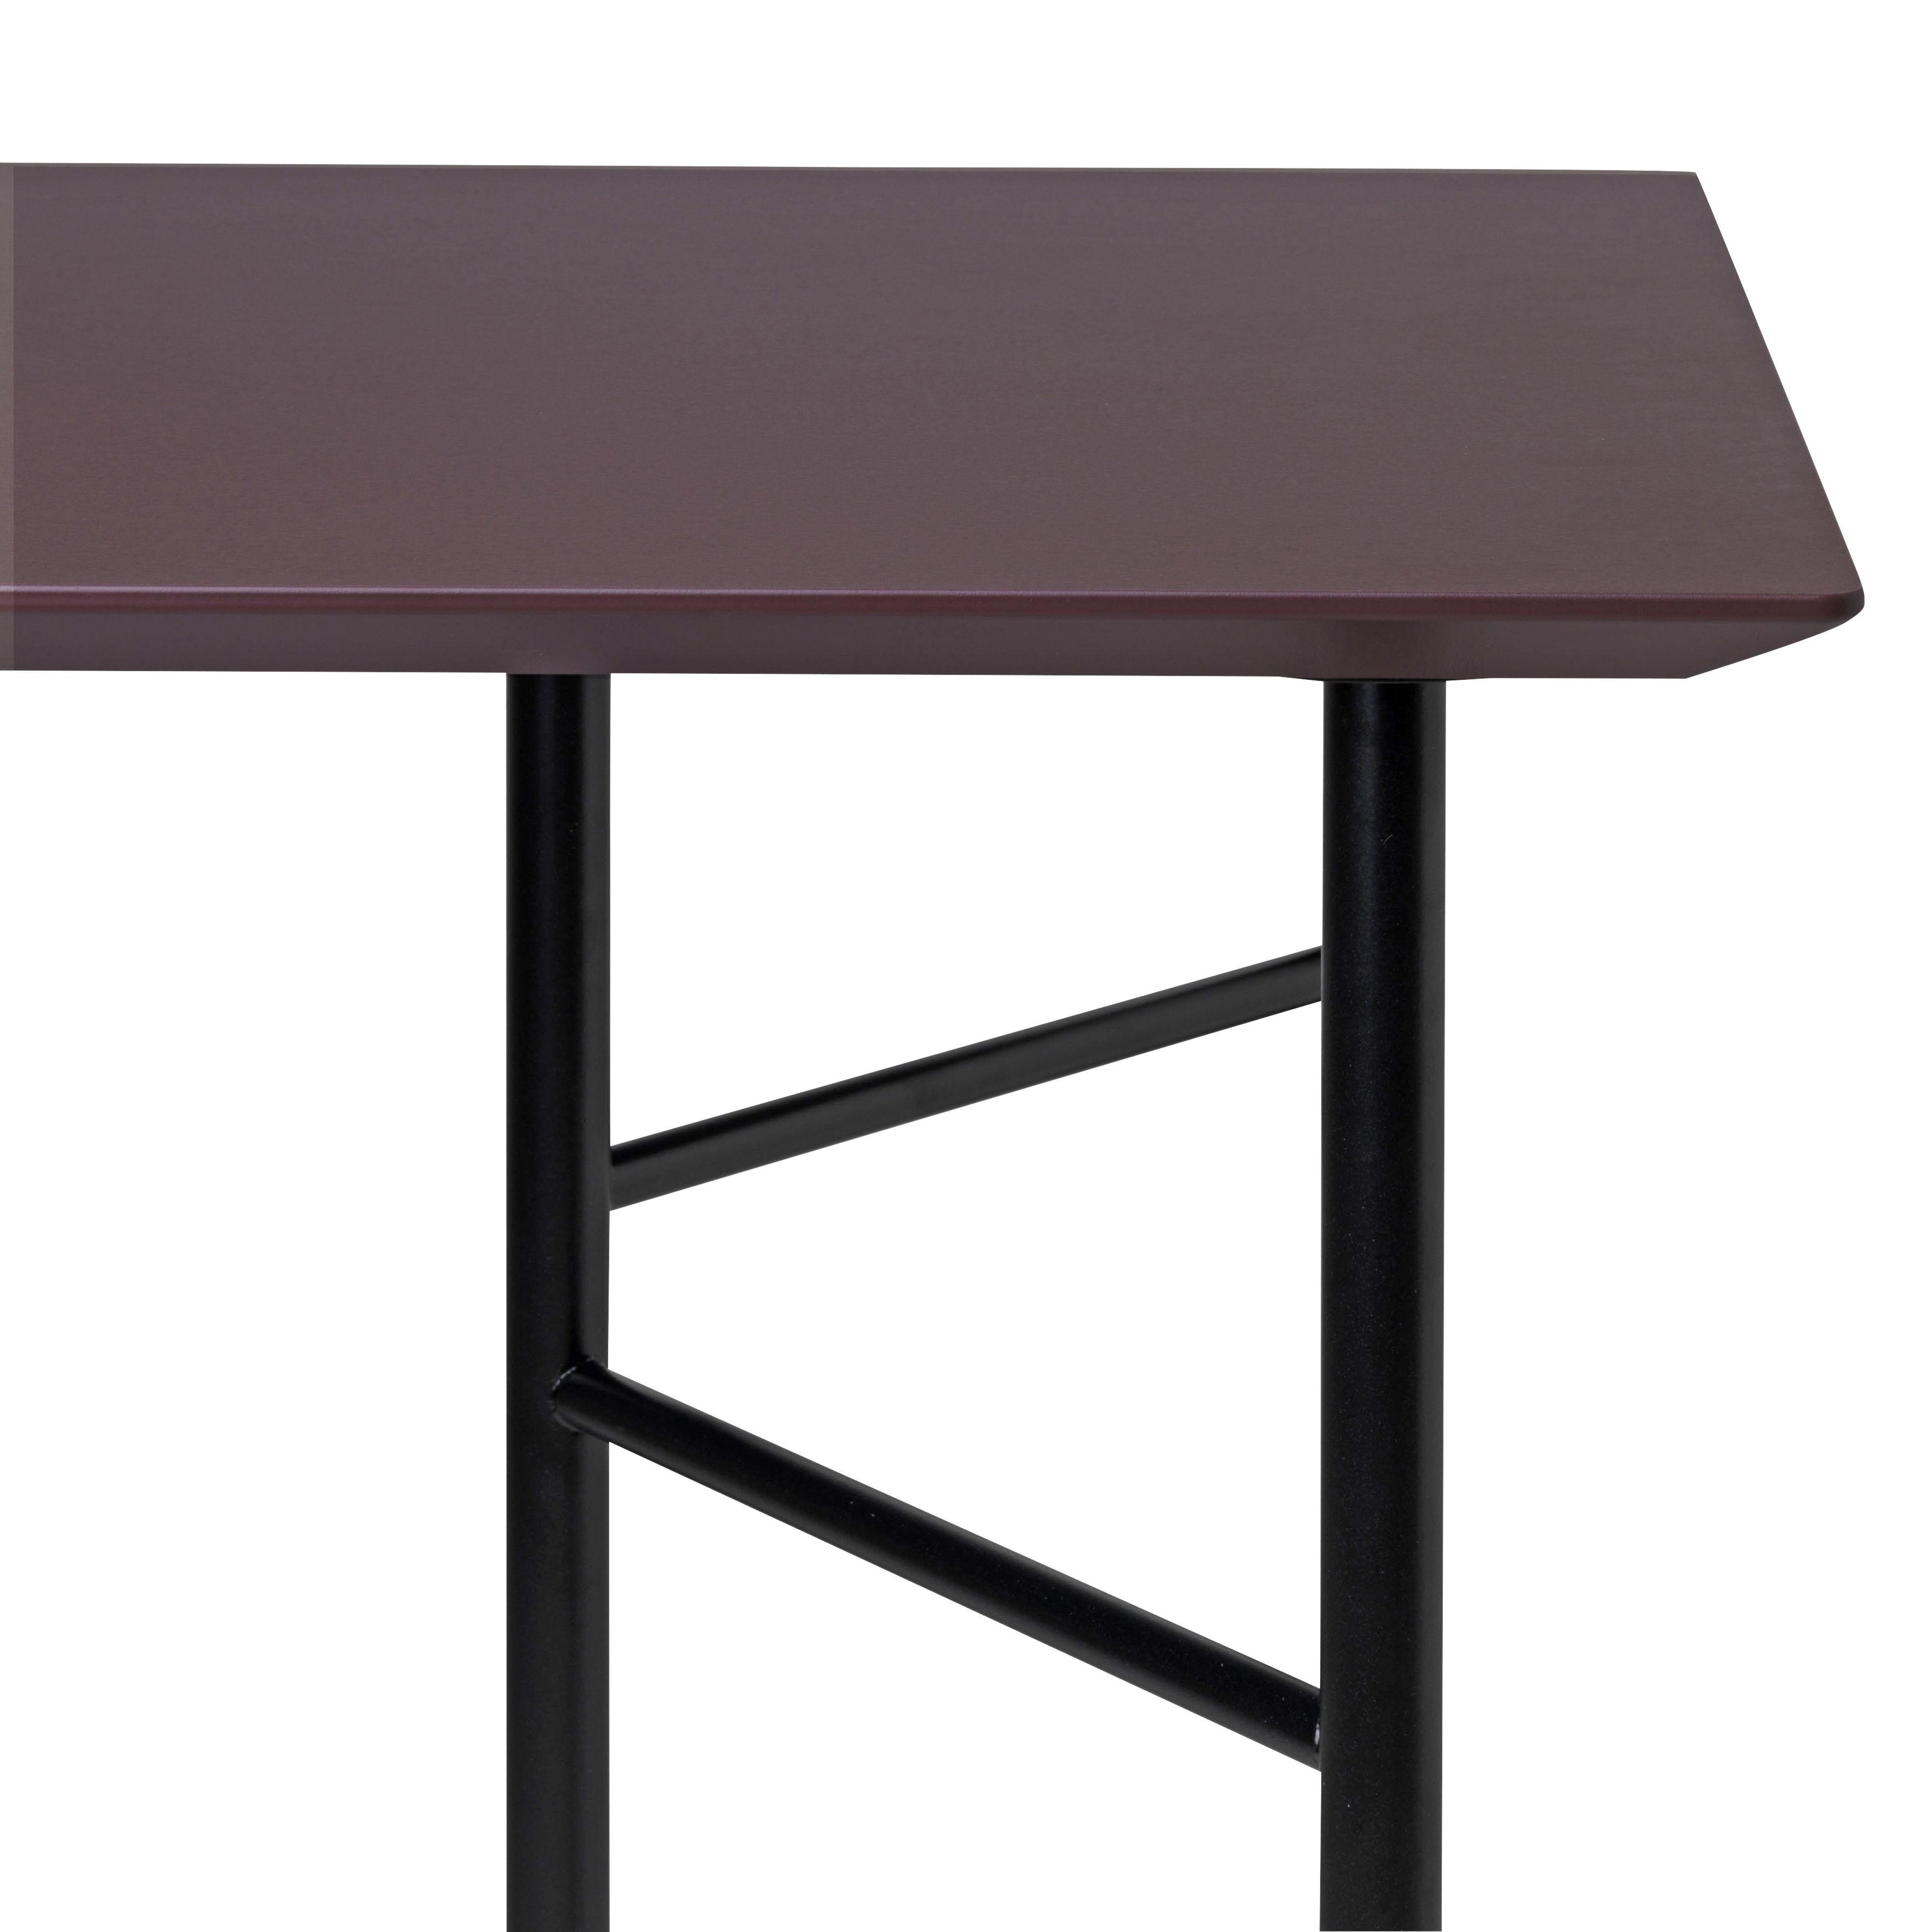 plateau de table pour tr teaux ming large 160 x 90 cm plateau bordeaux ferm living. Black Bedroom Furniture Sets. Home Design Ideas